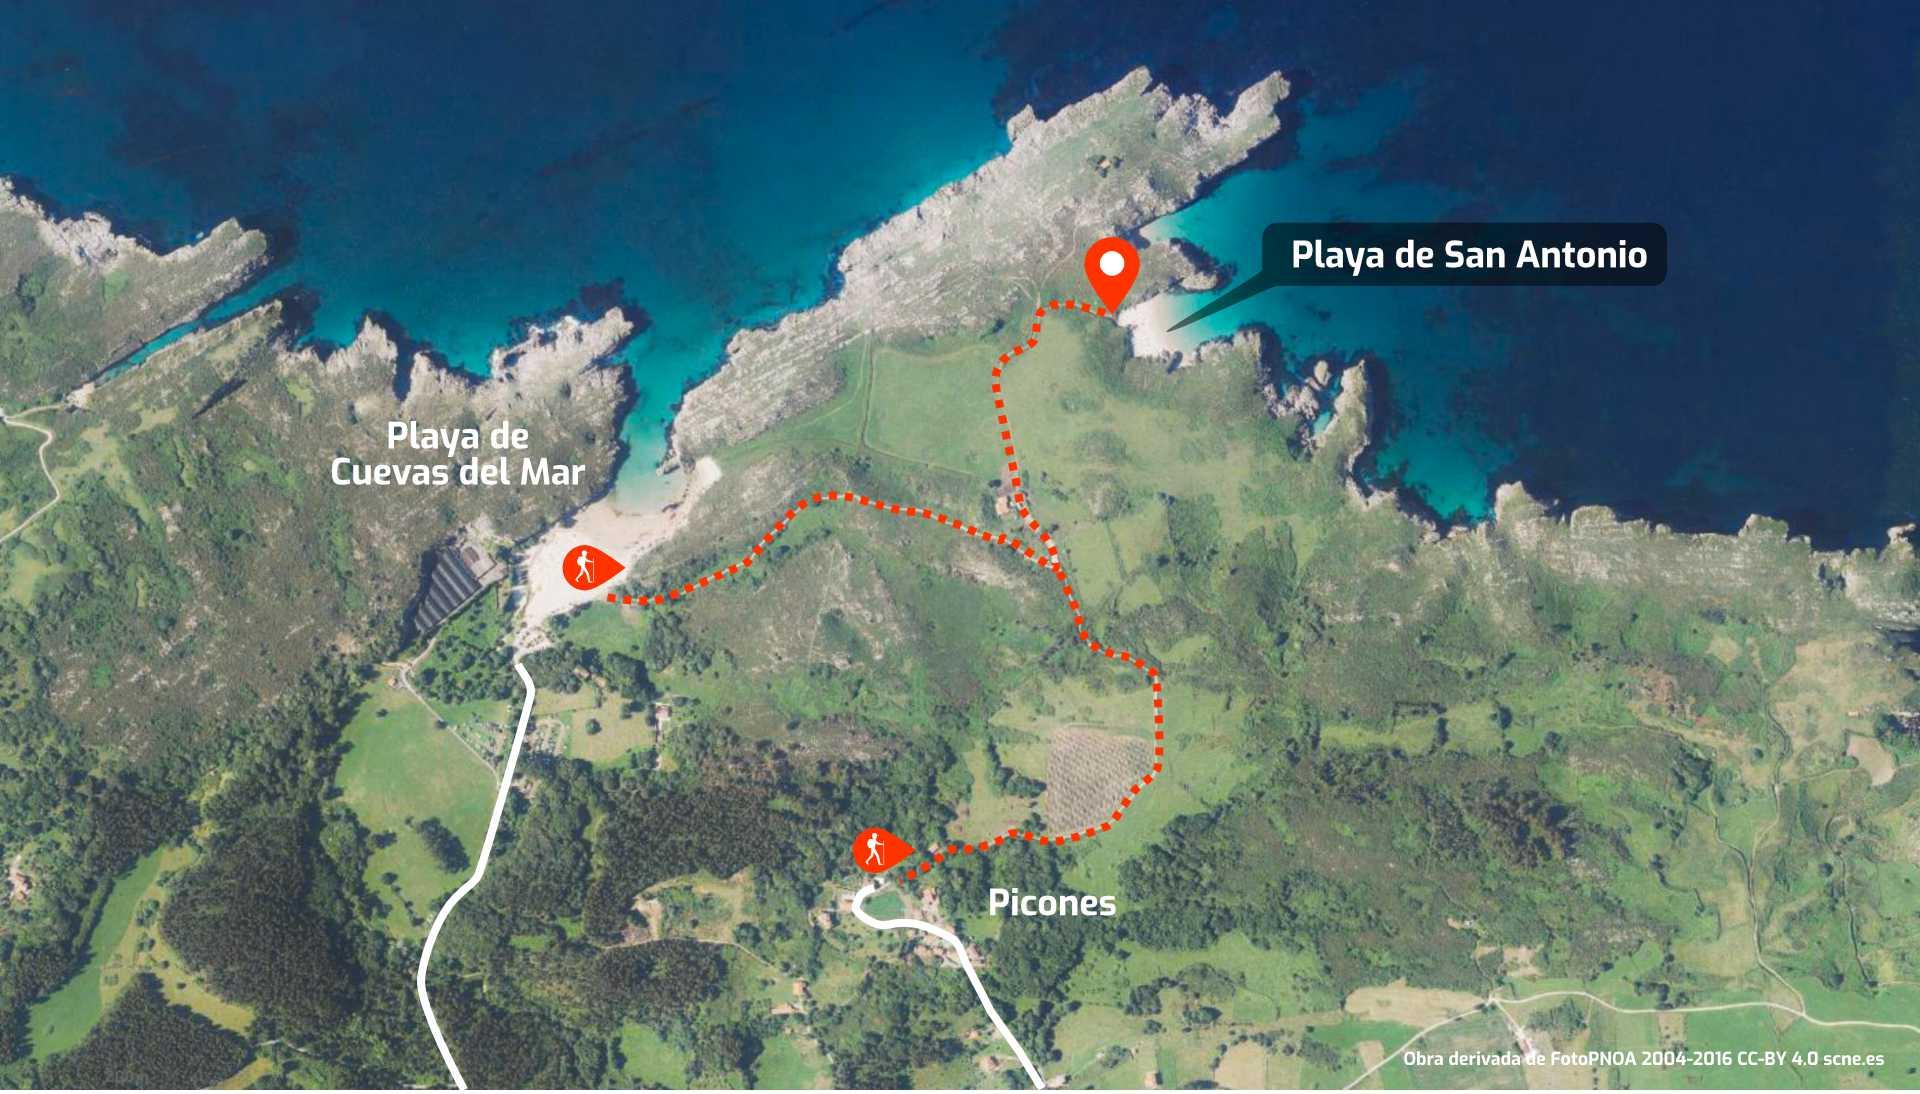 Mapa de cómo llegar a la Playa de San Antonio, en Llanes, Asturias